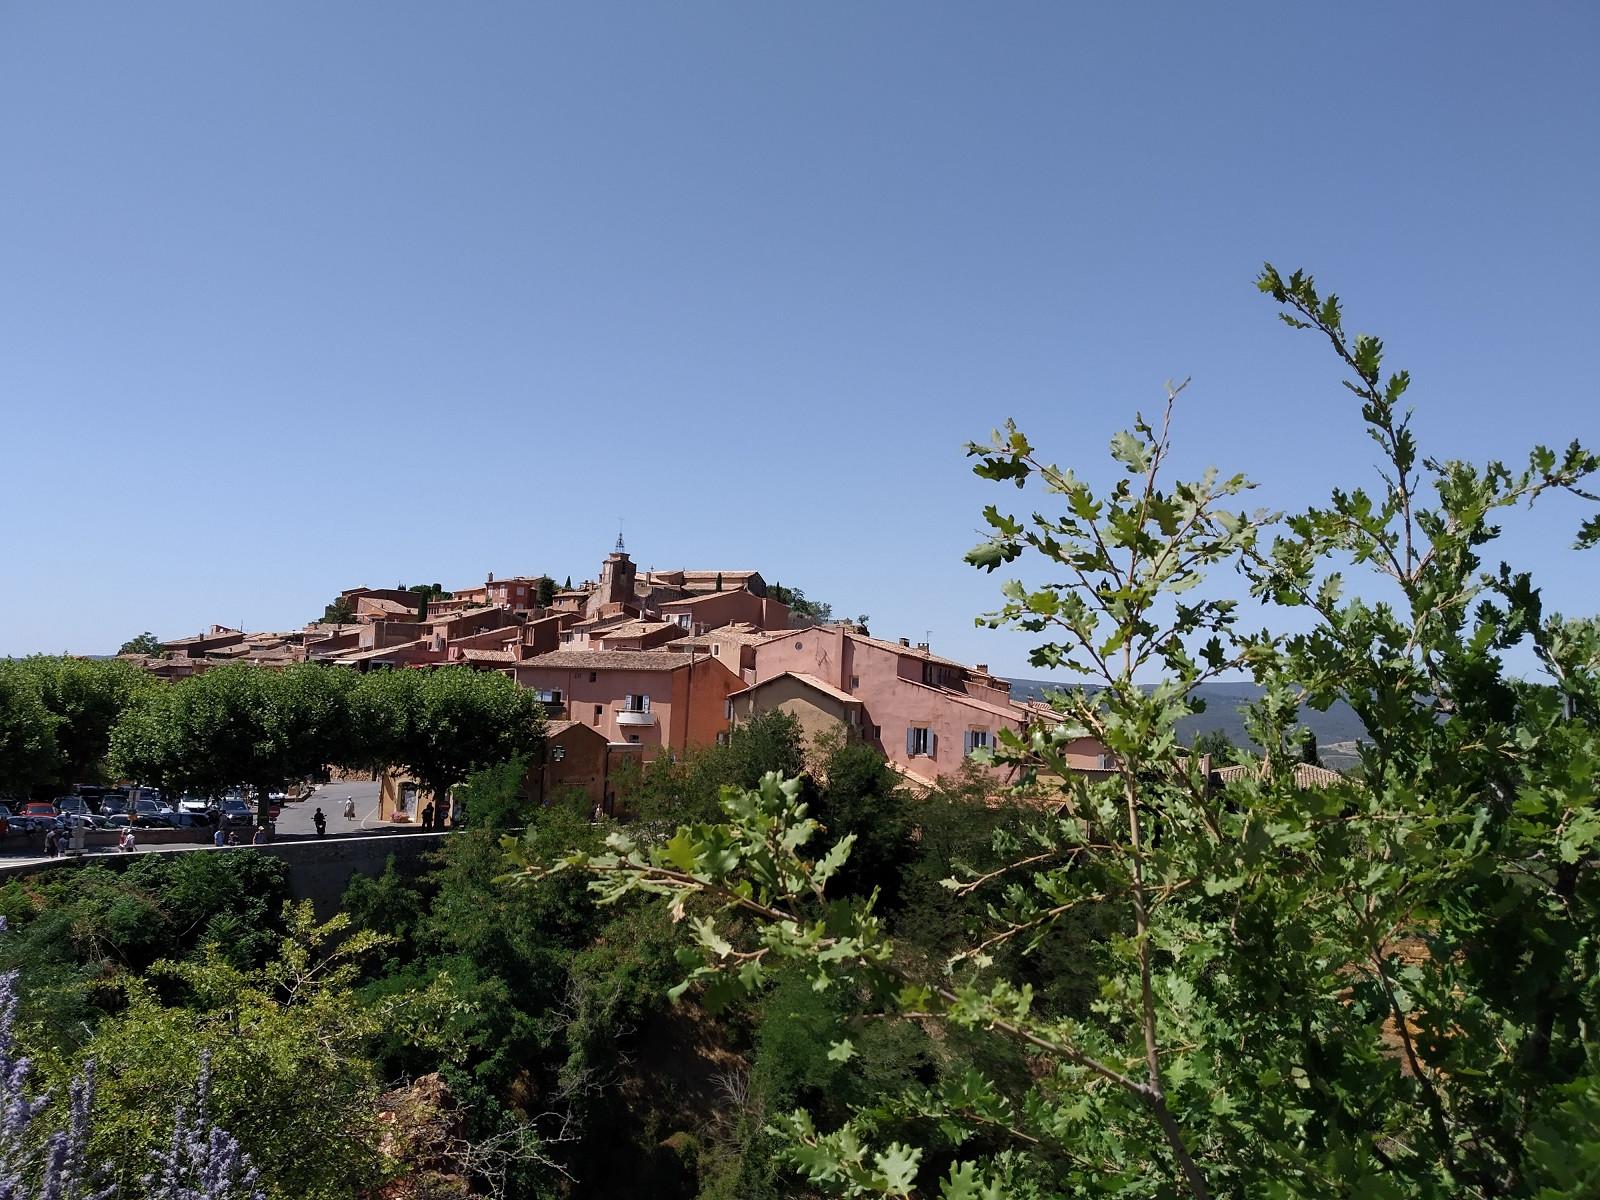 Roussillon: Cuộc dạo chơi giữa đại tiệc sắc màu - 1